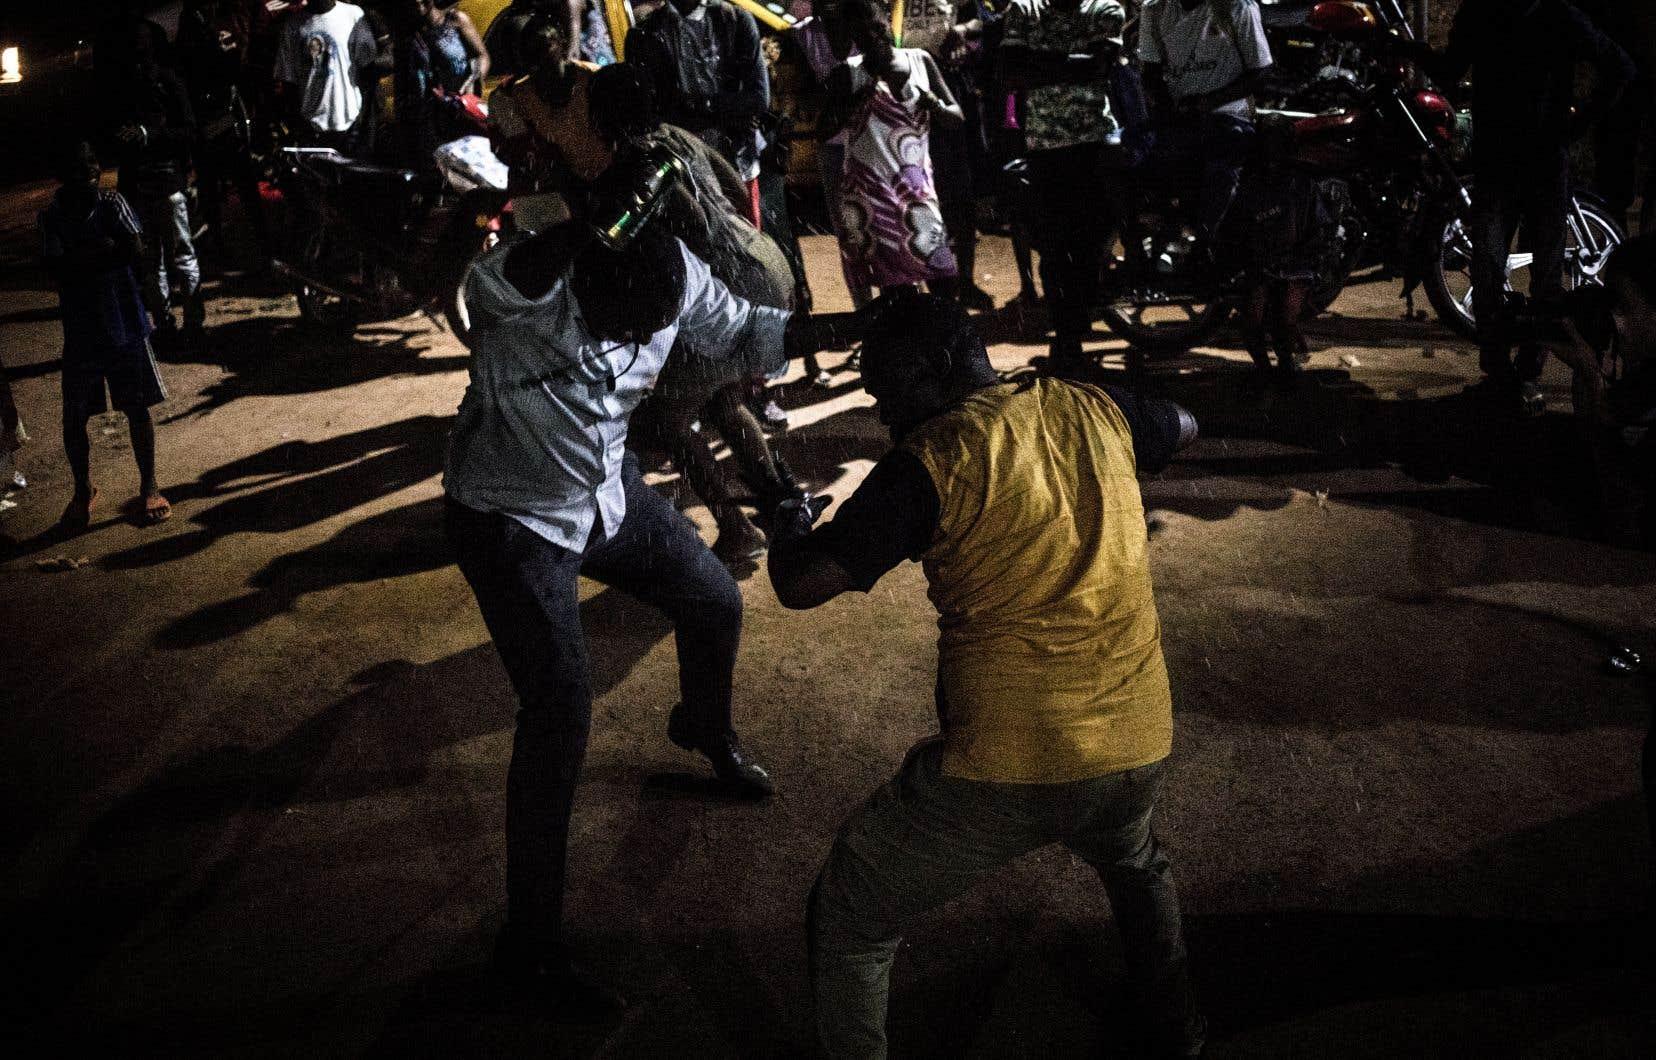 Ces élections se sont déroulées dans un pays où une guerre civile très meurtrière, commencée en 2013, avait considérablement baissé d'intensité depuis 2018, mais en proie à une nouvelle offensive de rebelles décidés à empêcher les élections.